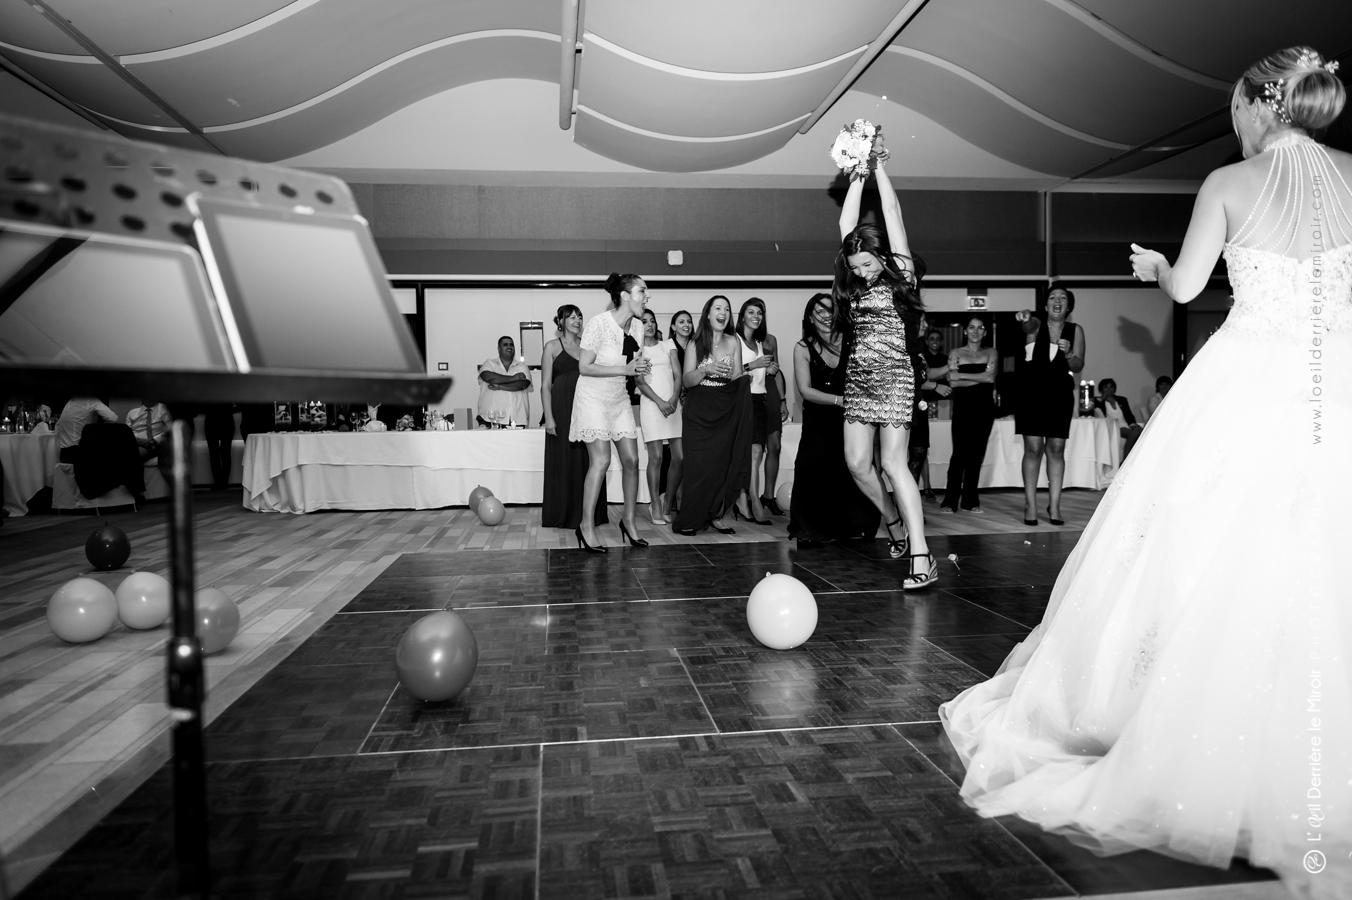 Photographe-mariage-monaco-loeilderrierelemiroir-087